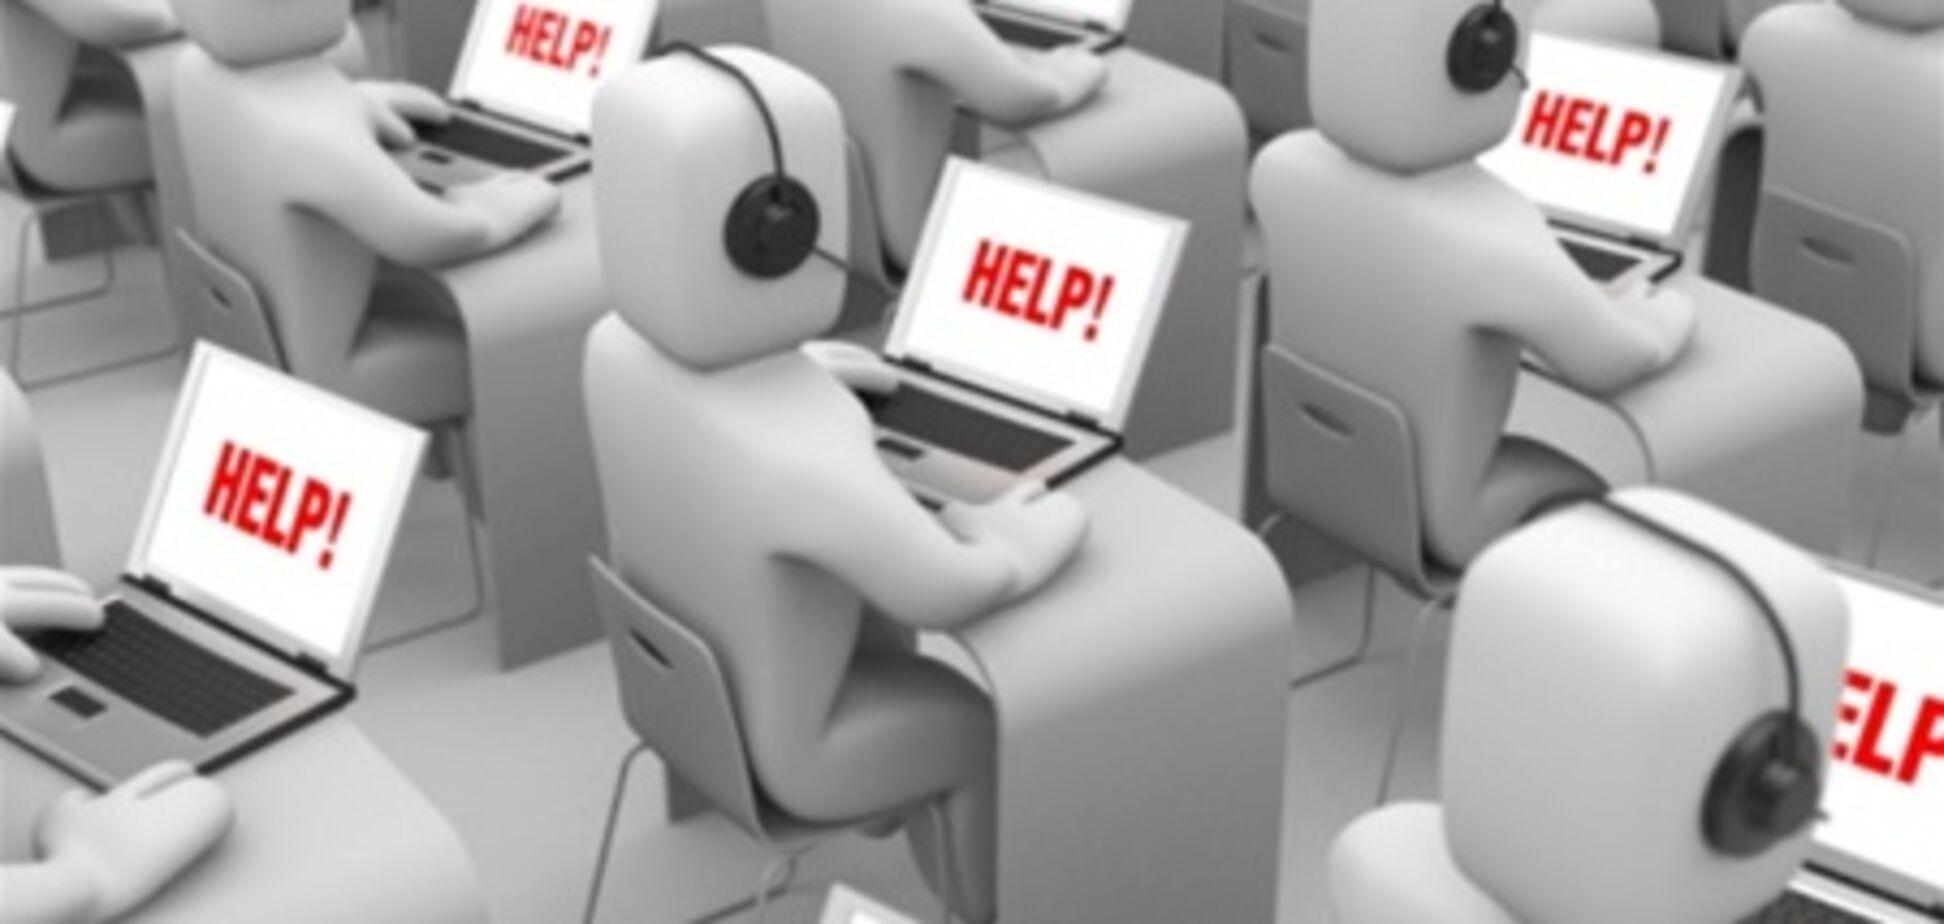 Вихри яростных кибер-атак